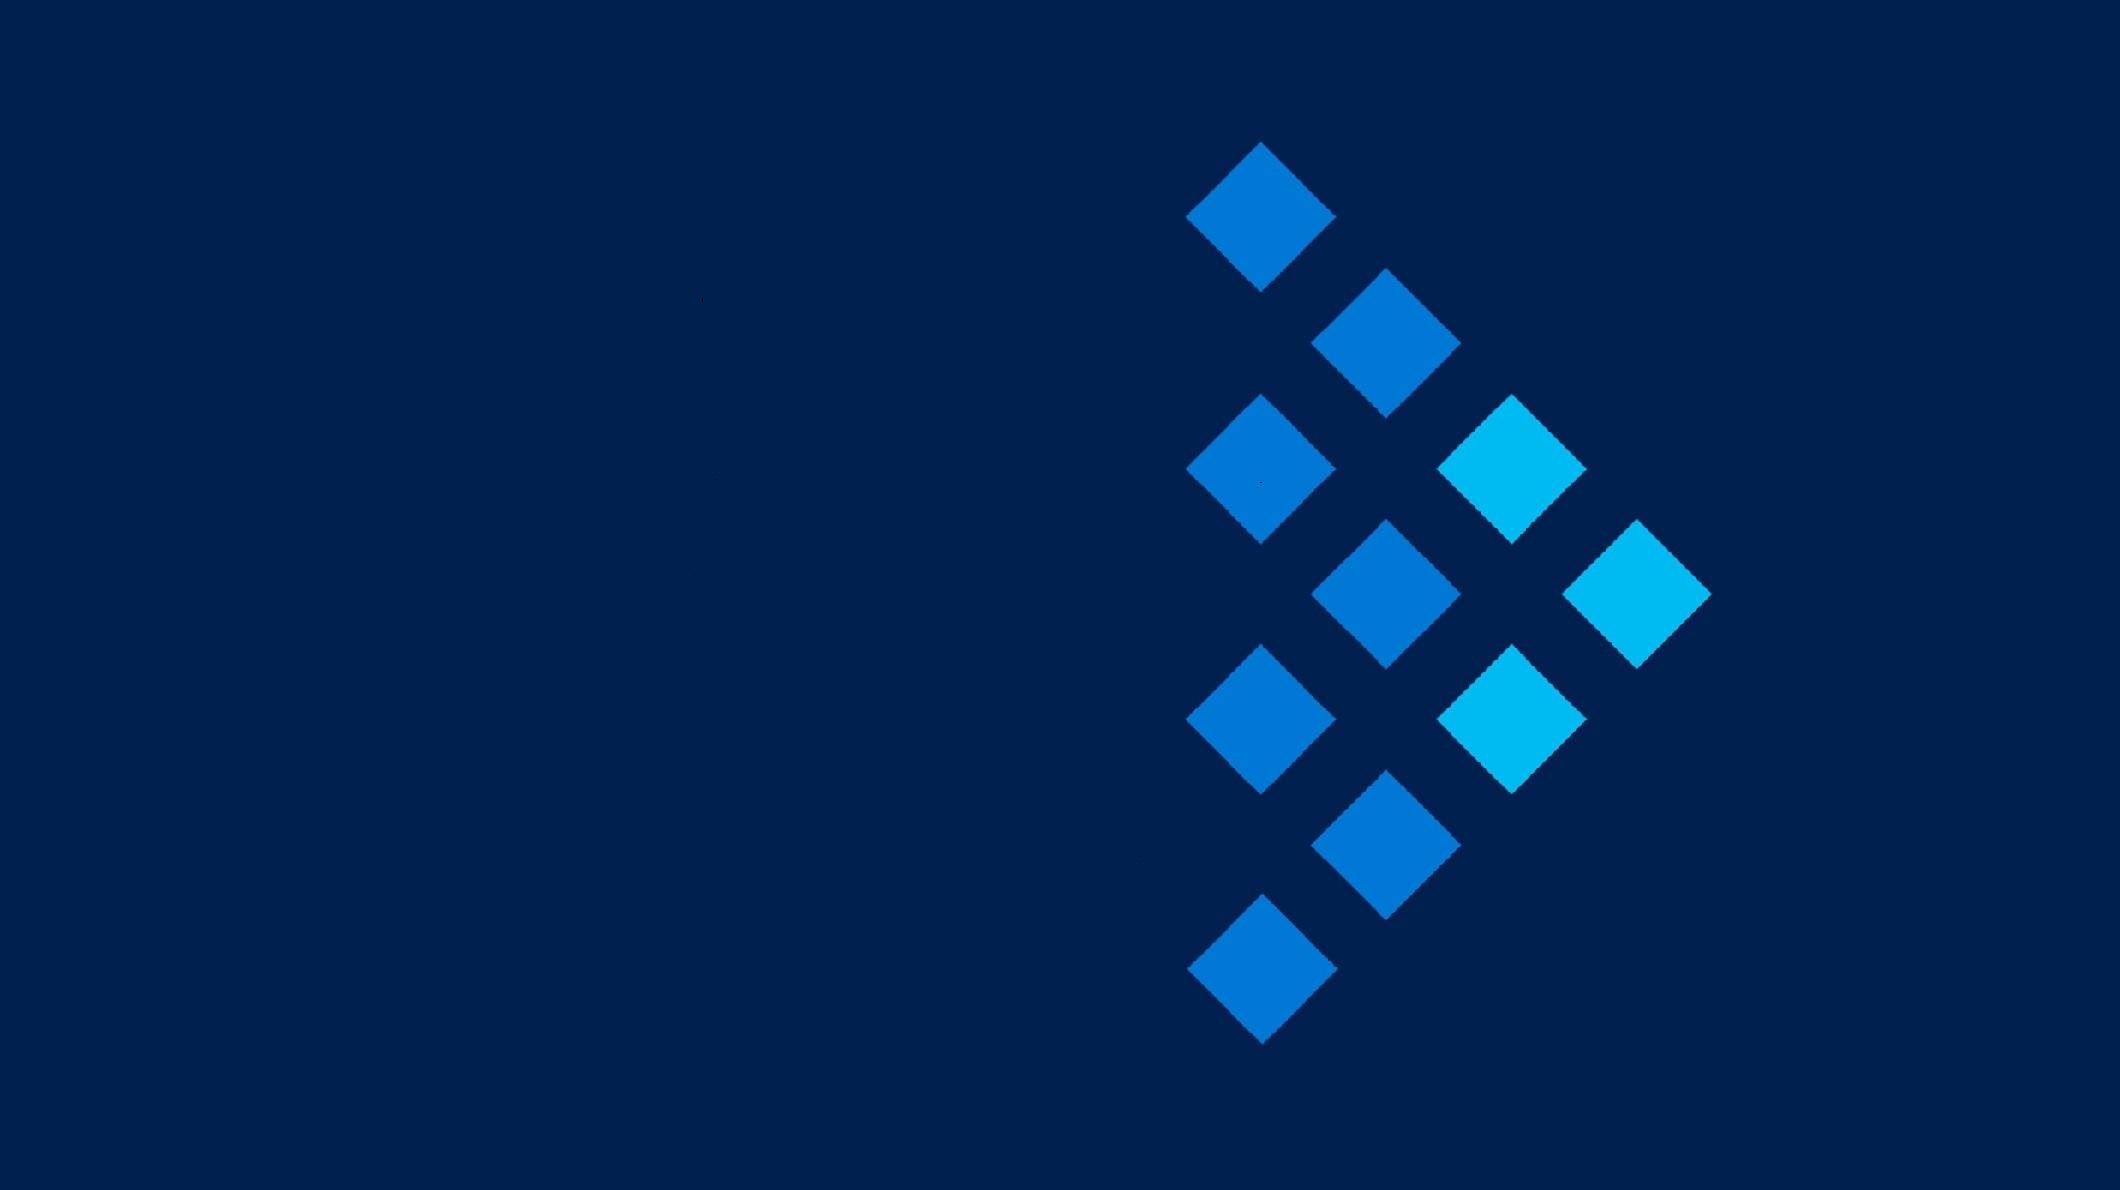 Ein dunkelblaues Bild mit 10 hellblaouen Quadraten